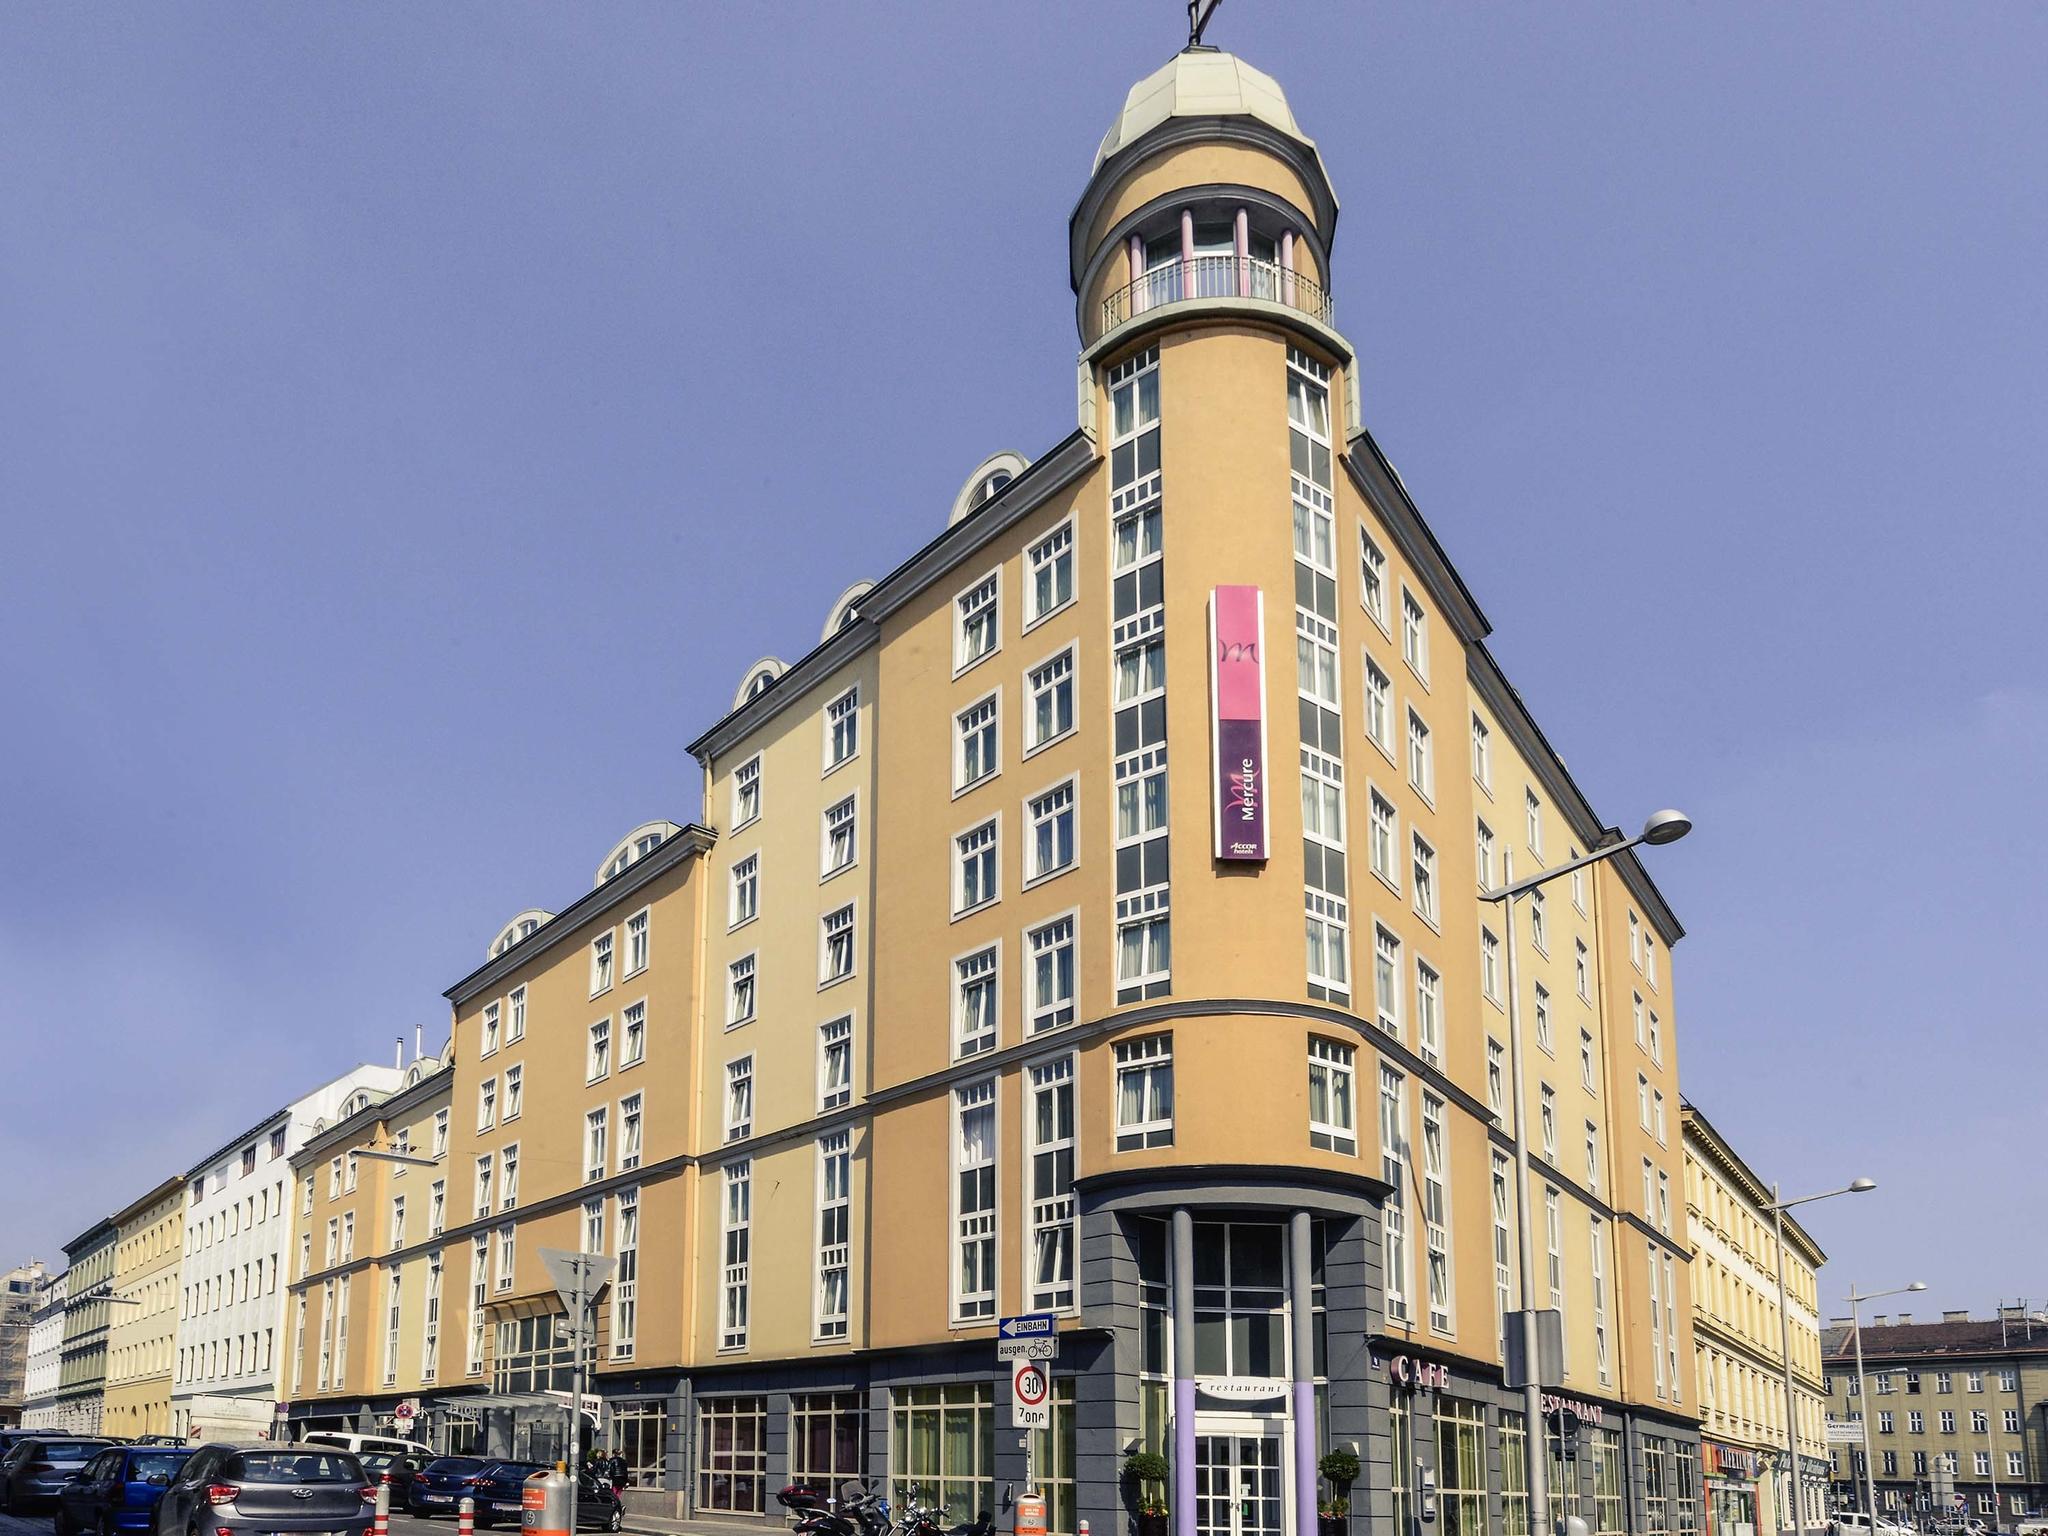 Hotell – Hotel Mercure Wien Westbahnhof